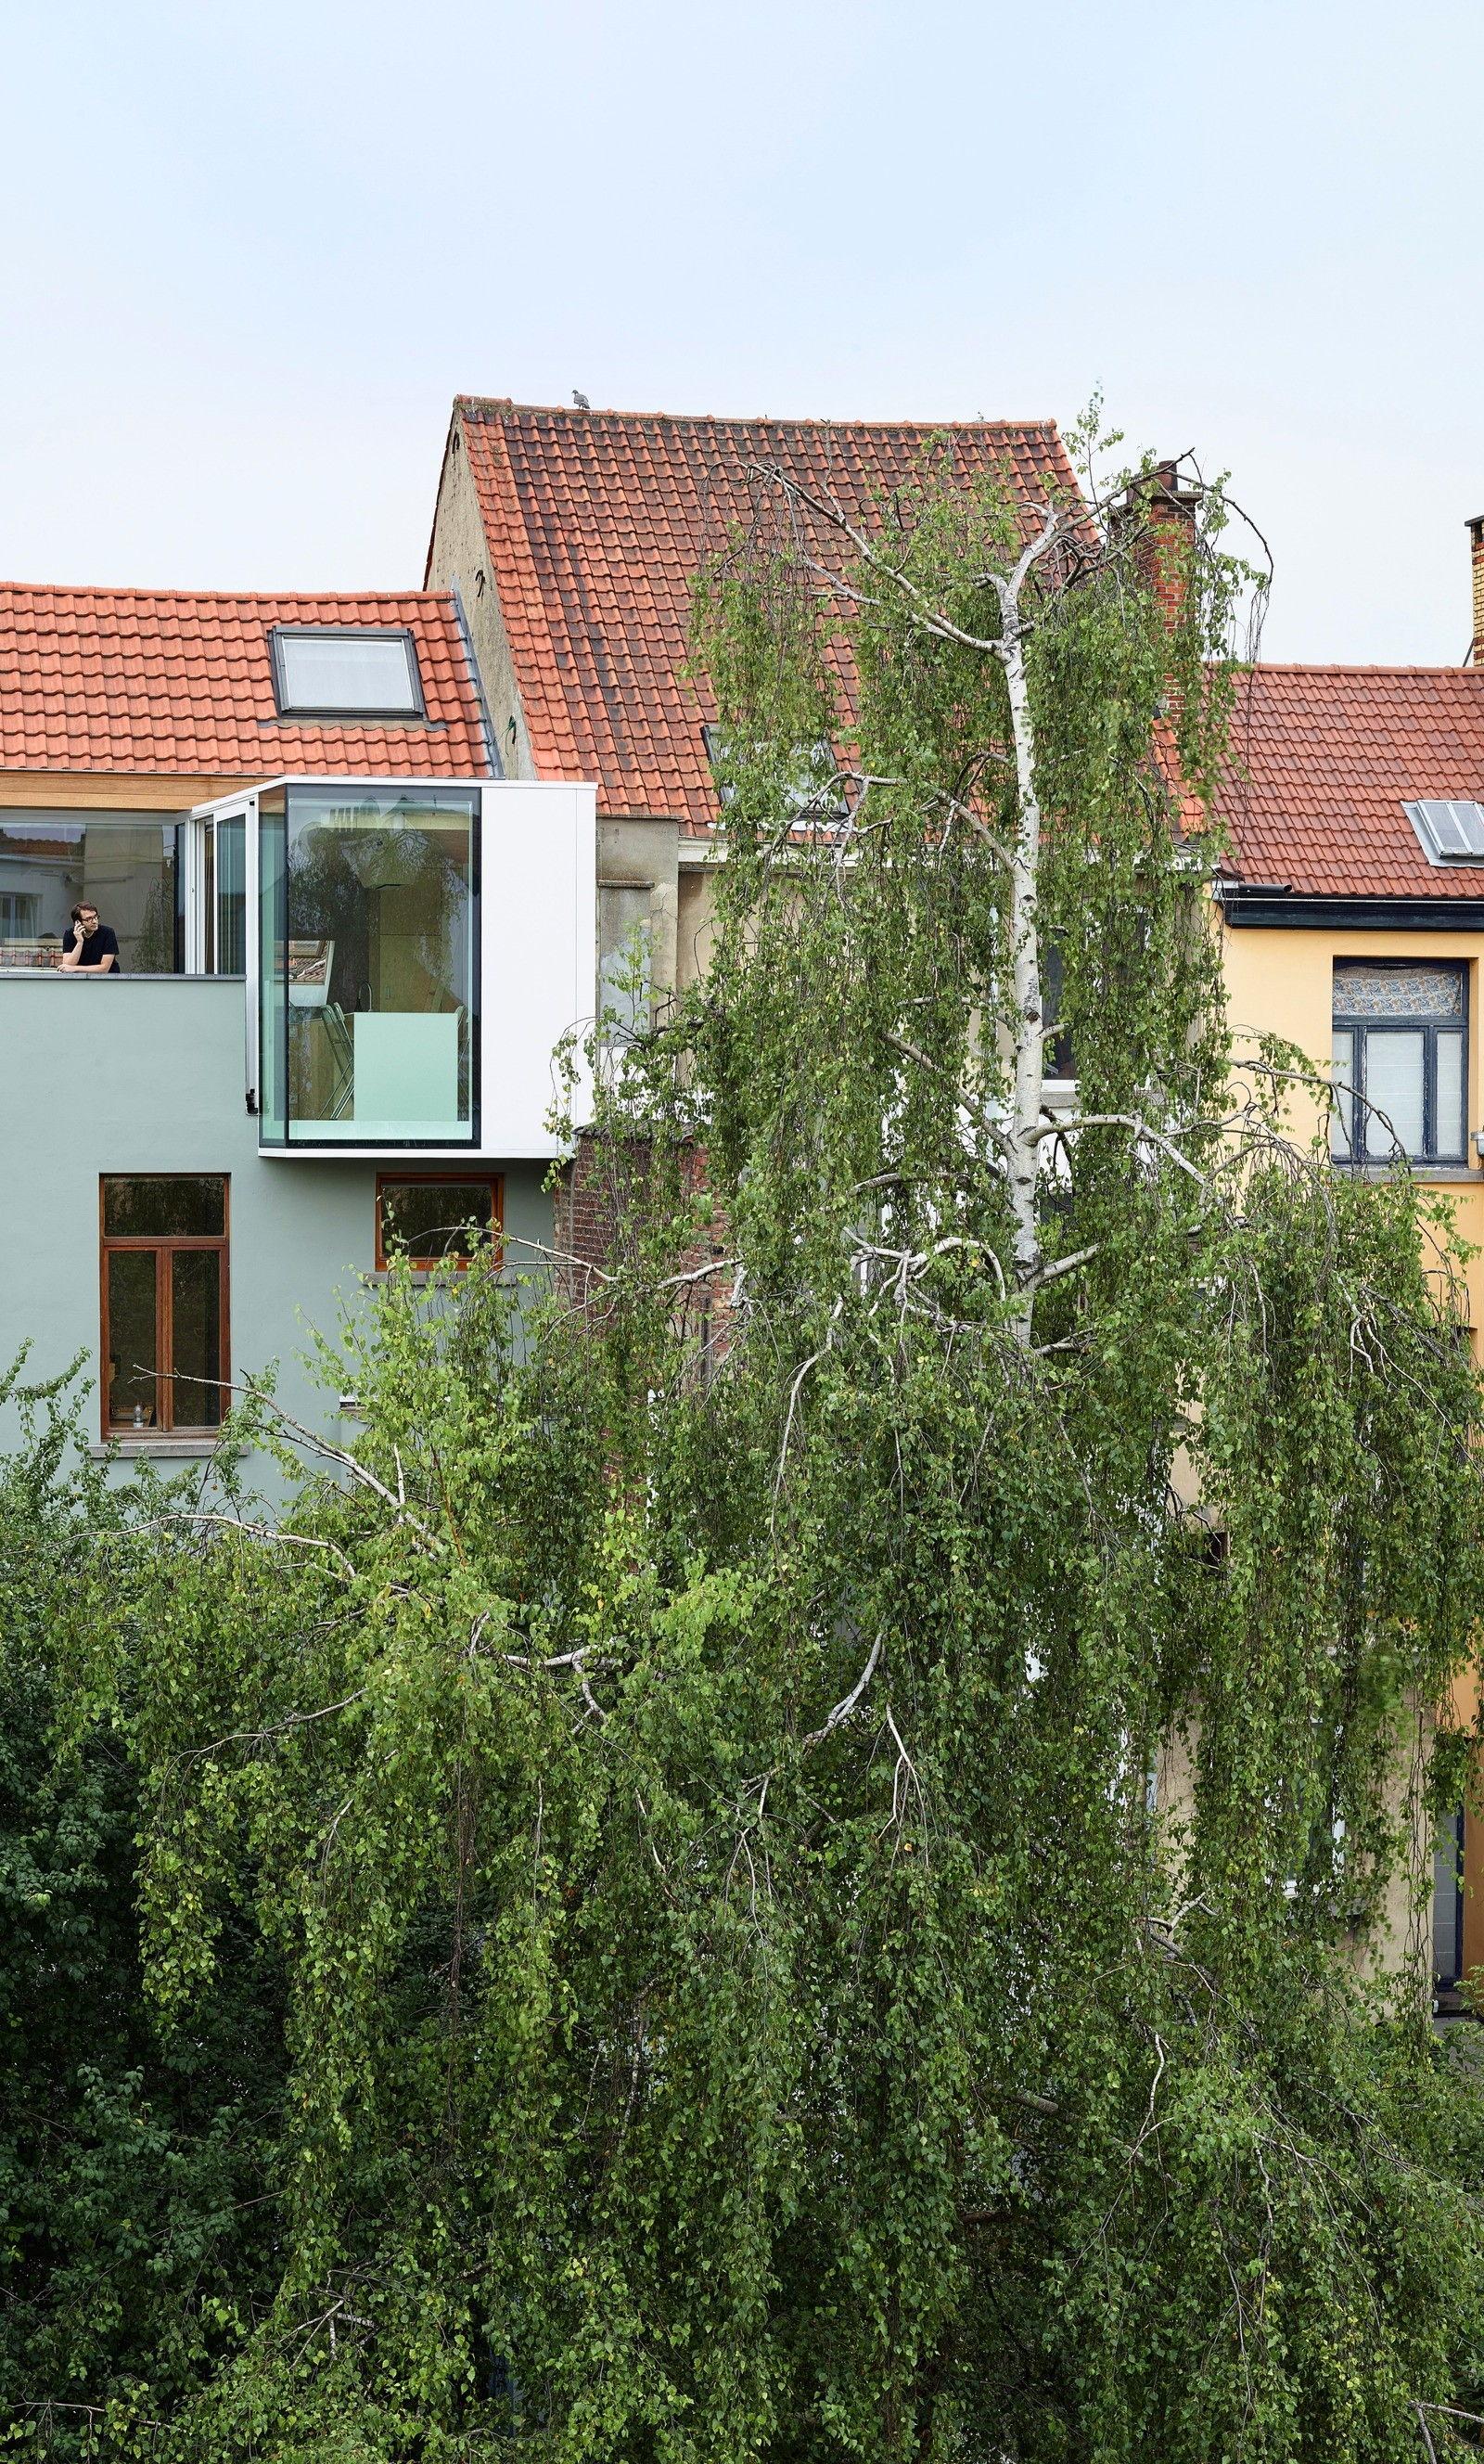 House-in-Belgium-just3ds.com-21